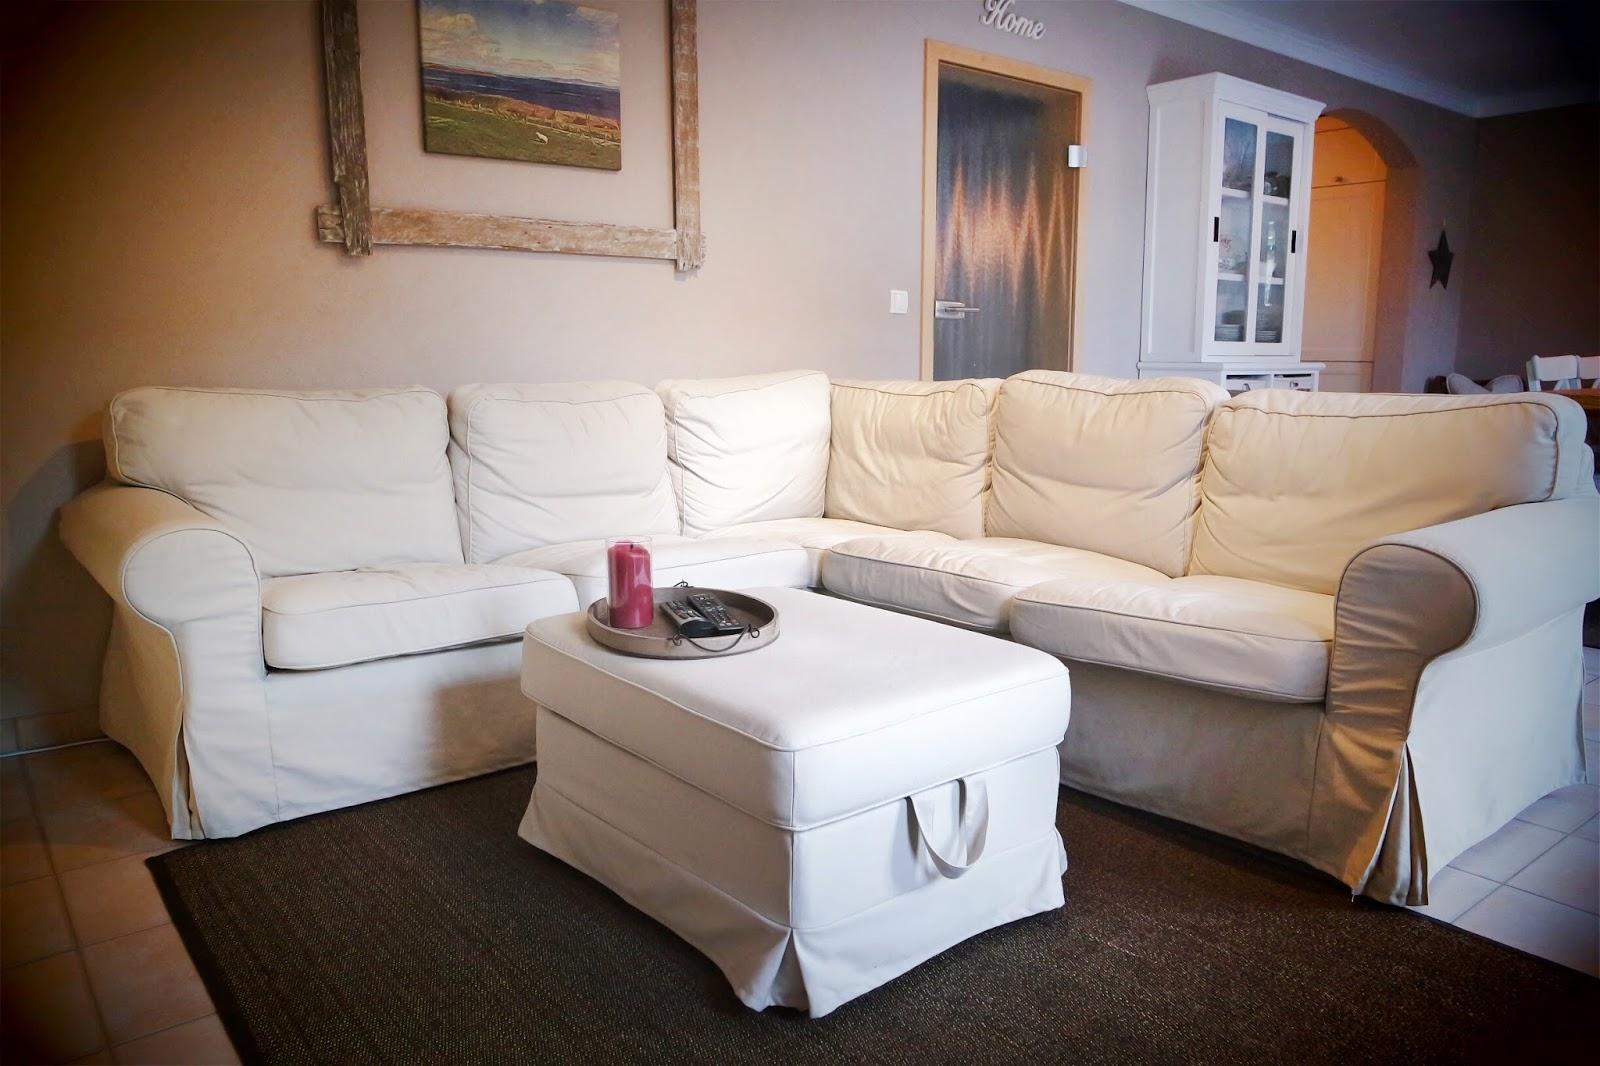 Full Size of Ektorp Sofa Bed Covers 2 Seater Cover 3 Seat Ikea Chaise Kleines Gelbes Haus Bezug Waschen Chippendale Sitzer Garnitur Teilig Polster 3er Landhausstil Halbrund Sofa Ektorp Sofa